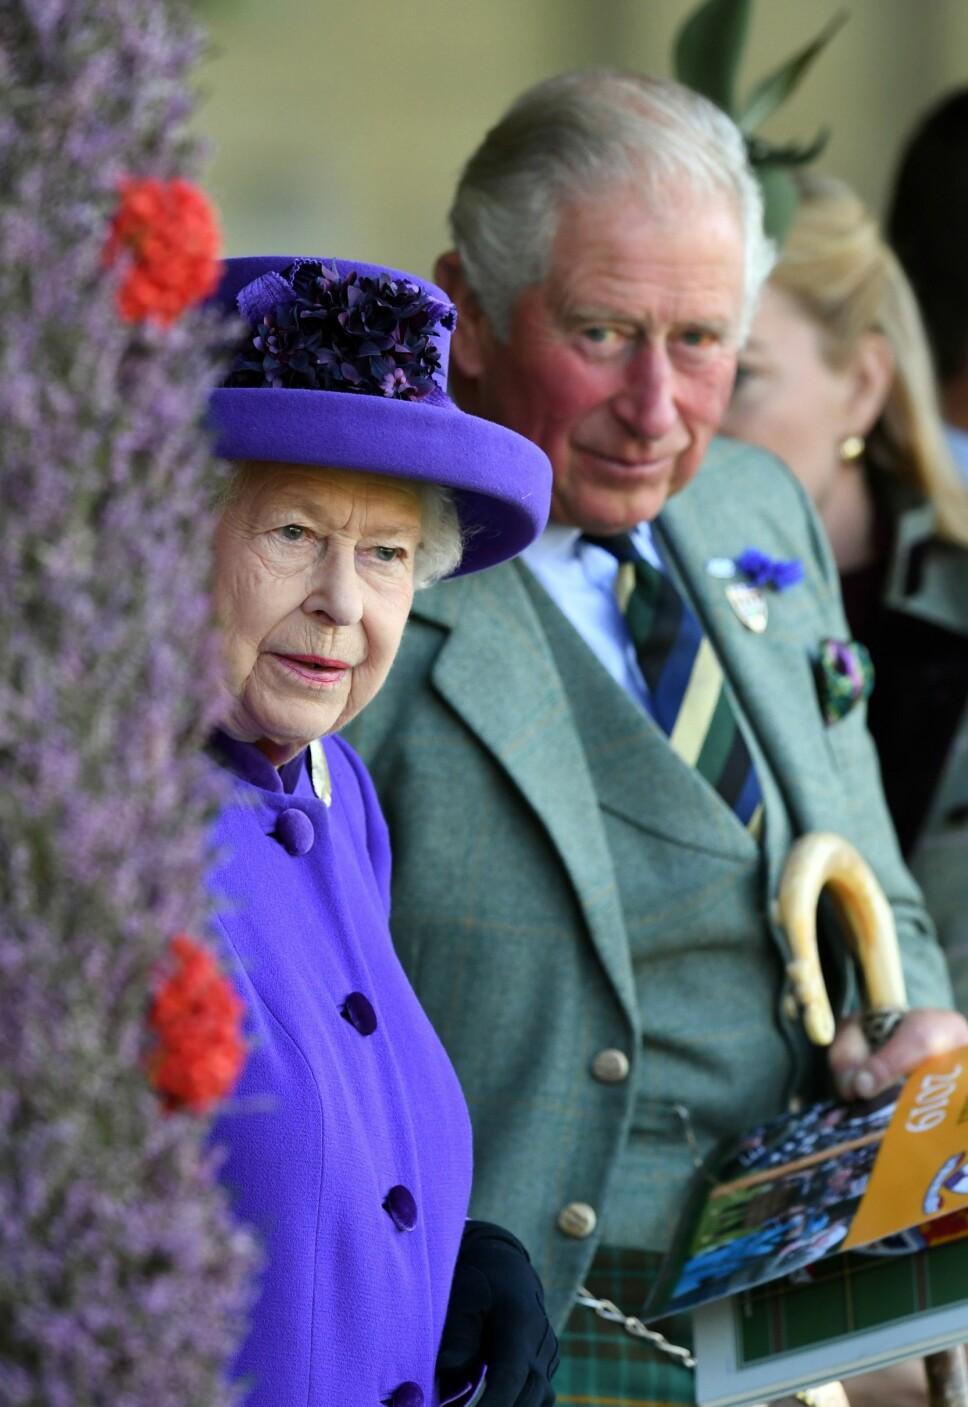 FÅR HJELP  AV SØNNEN?  I Storbritannia spekuleres det i om dronningen vil gi flere representasjonsoppgaver til prins Charles. Men ingen tror hun kommer til å abdisere.